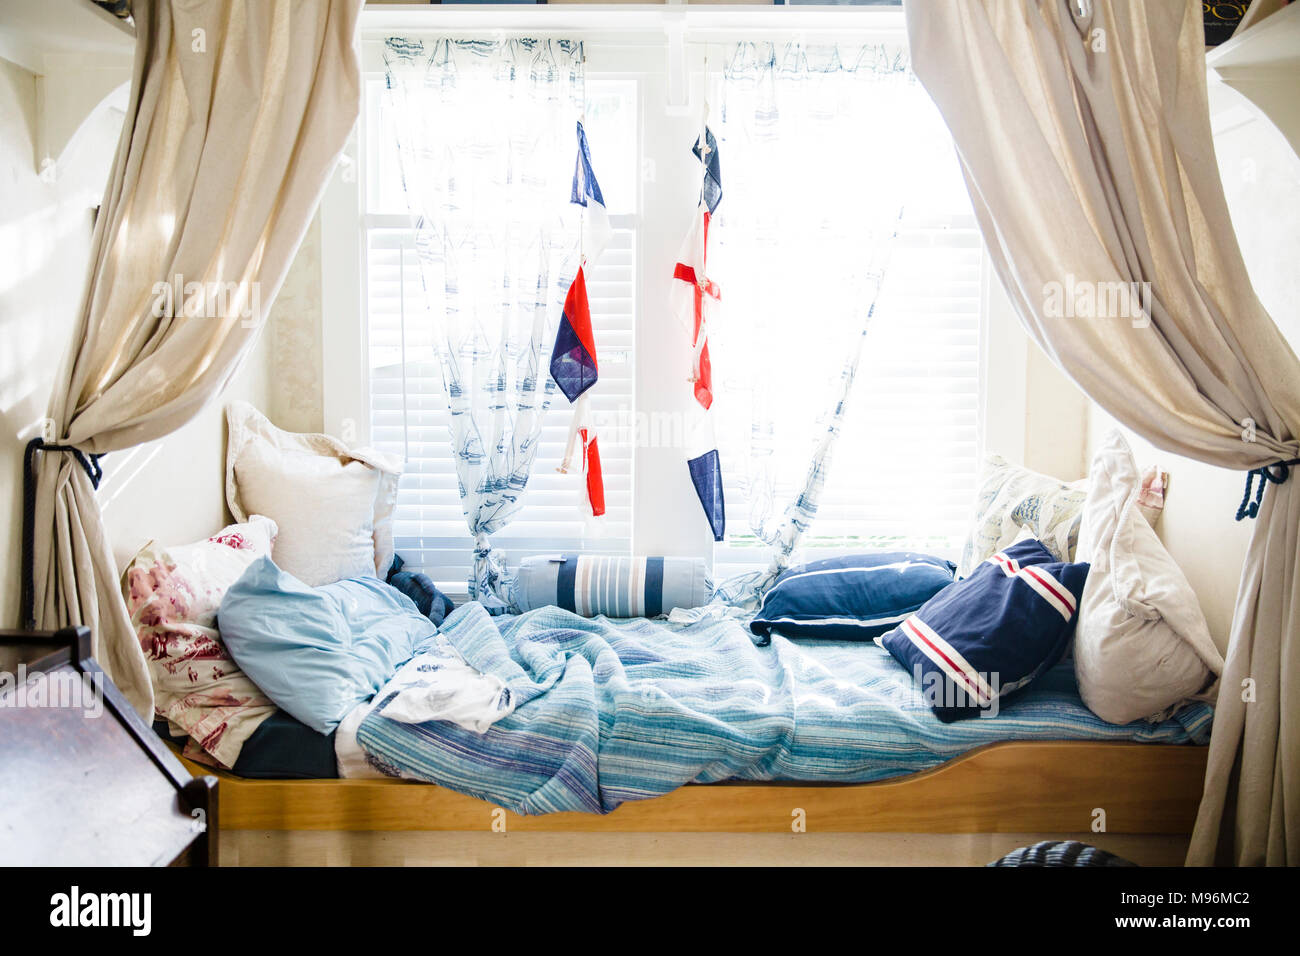 Stile nautico del bambino camera letto Immagini Stock